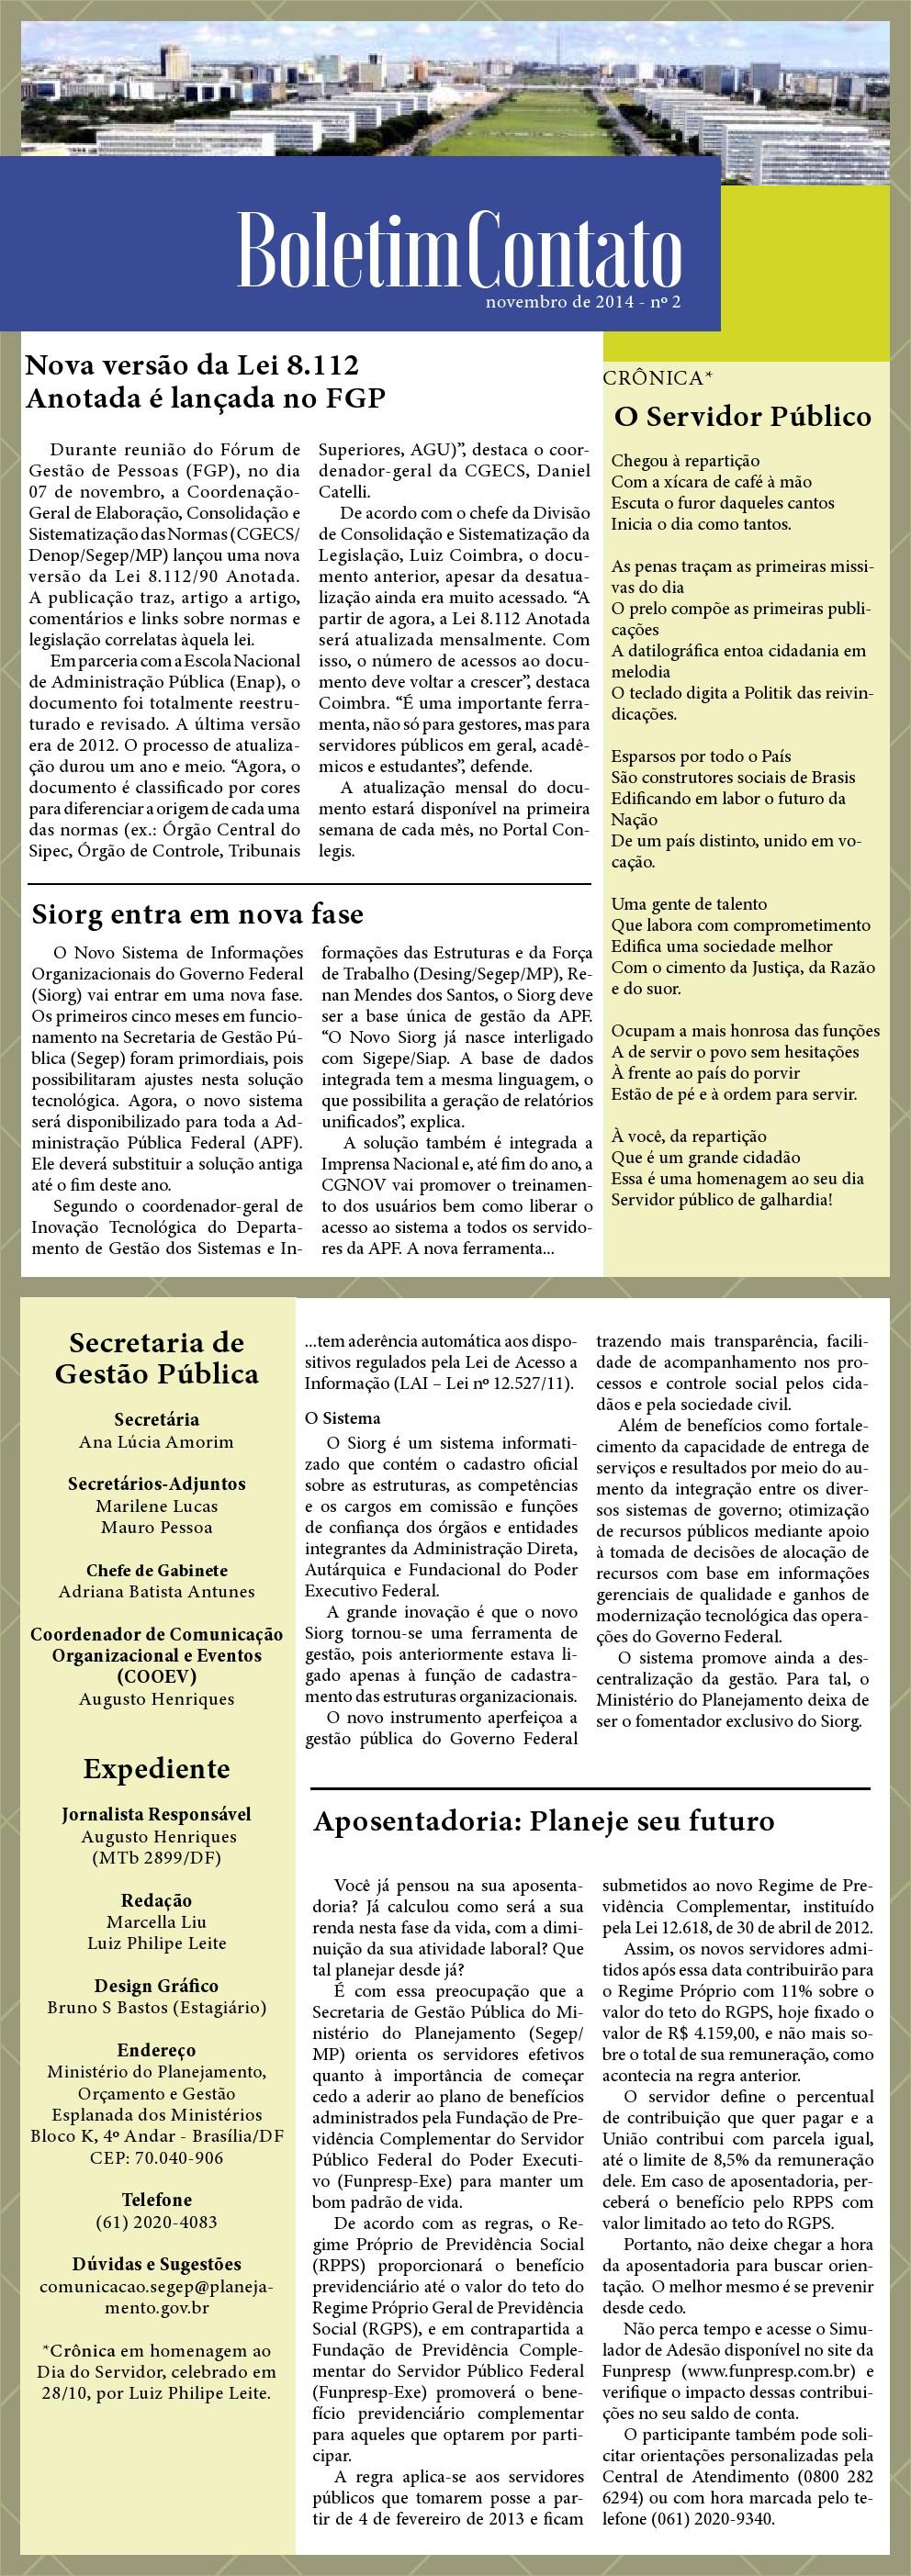 Boletim Contato - Novembro 2014